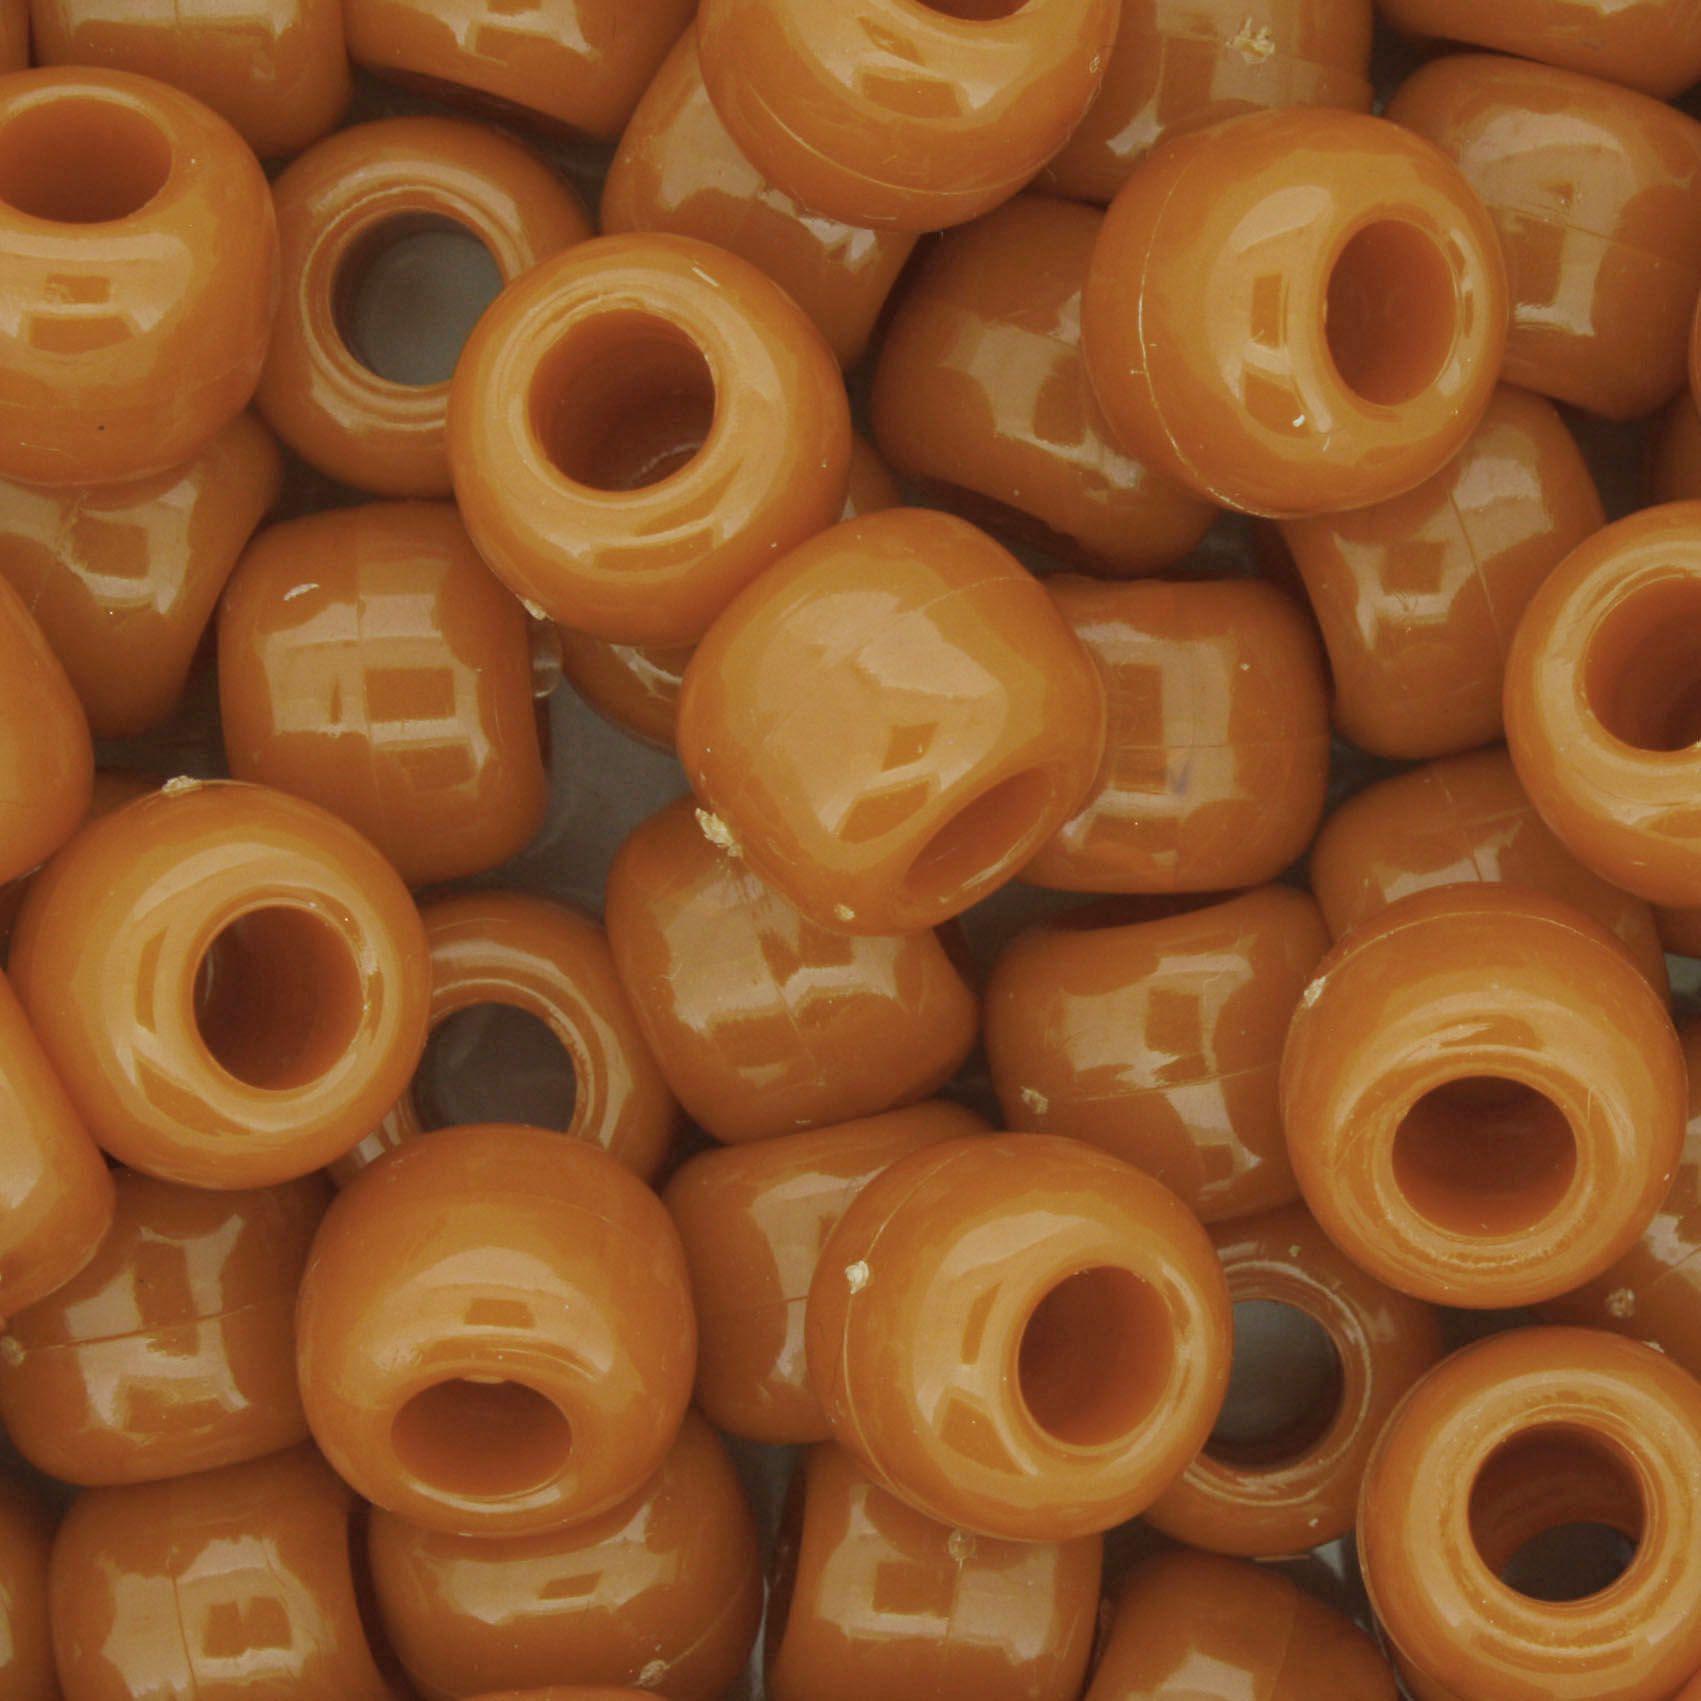 Miçangão Plástico - Tererê® - Terracota  - Stéphanie Bijoux® - Peças para Bijuterias e Artesanato